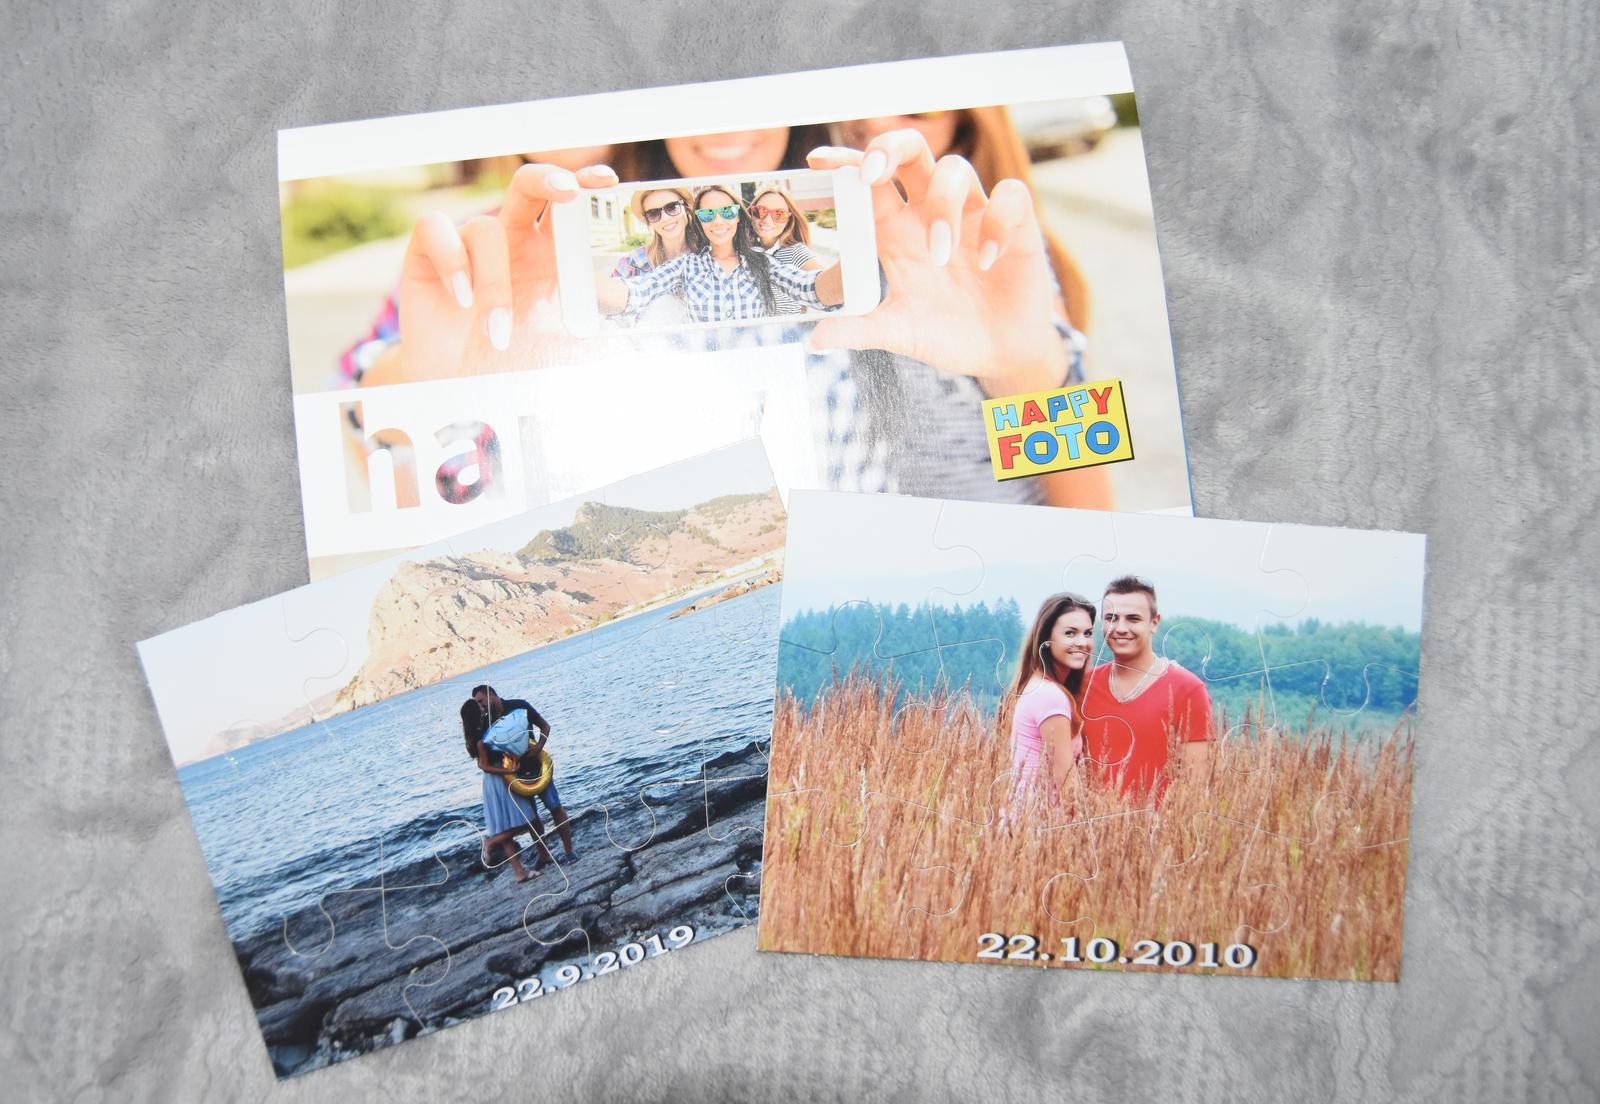 Wedding Time - na skúšku som dala urobiť v Happy Foto puzzle s našimi fotkami a vyzerá to super :) ešte ich niekoľko objednám a na svadbe sa určite využijú :) budú skladať aj deti aj dospelí :)